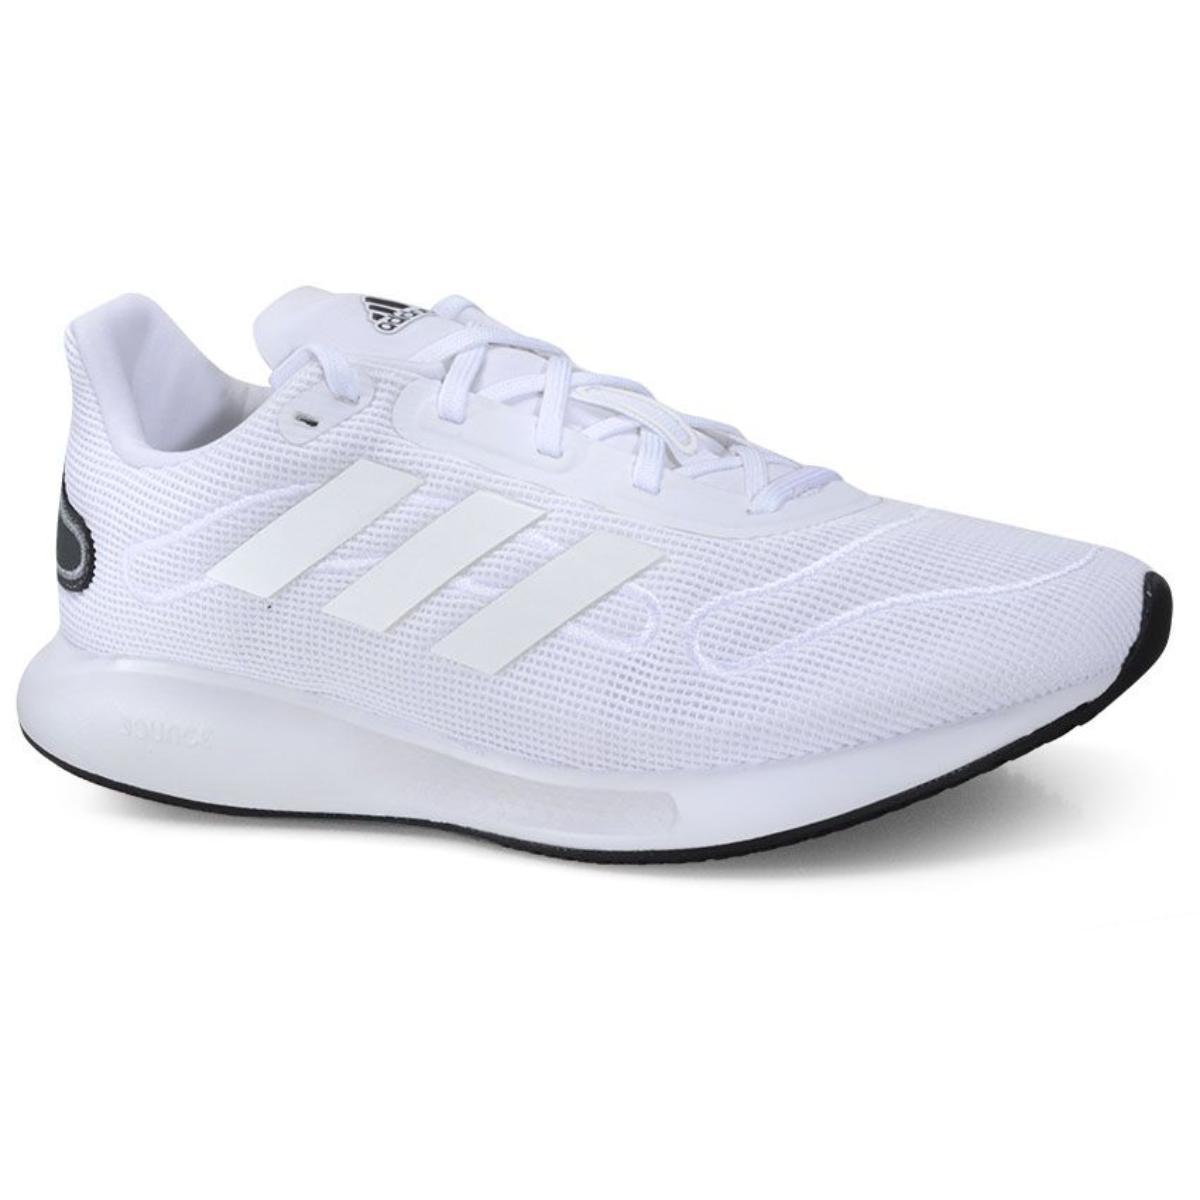 Tênis Masculino Adidas Fu7330 Galaxar Run Branco